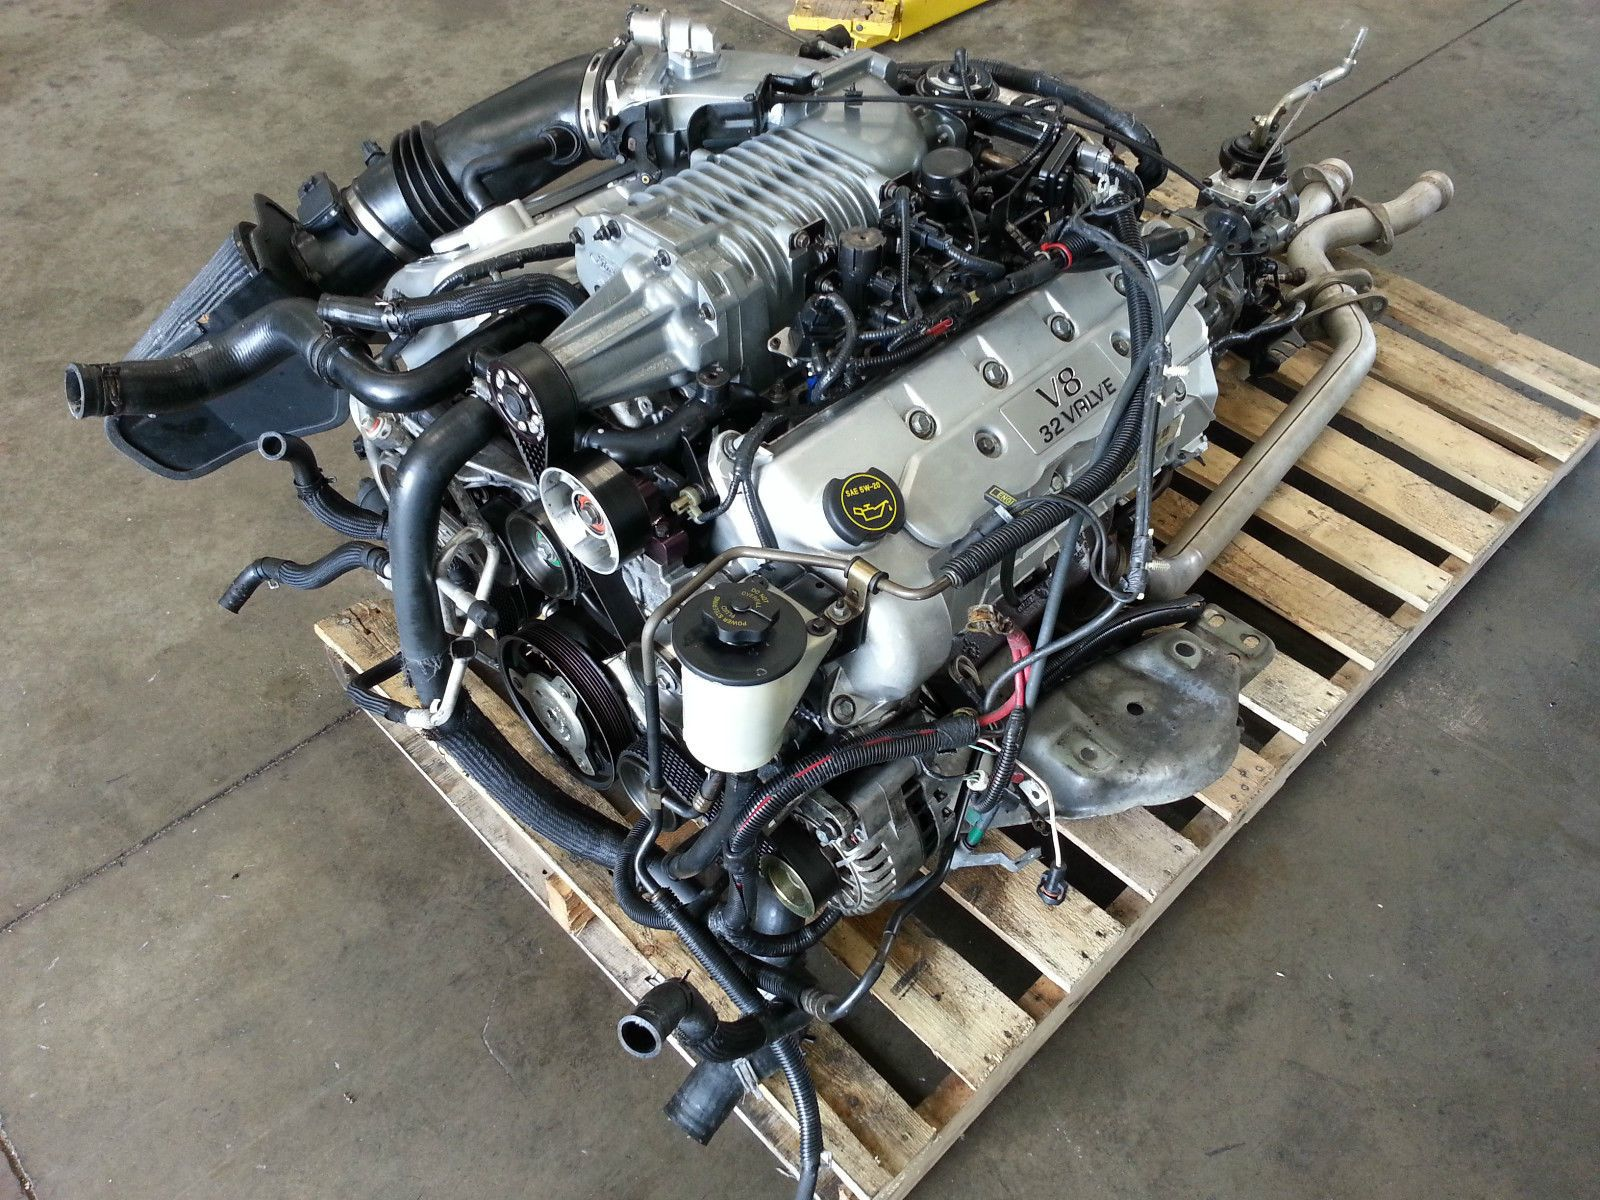 hight resolution of 2003 2004 mustang cobra 4 6 v8 engine t56 transmission dohc supercharged motor ebay